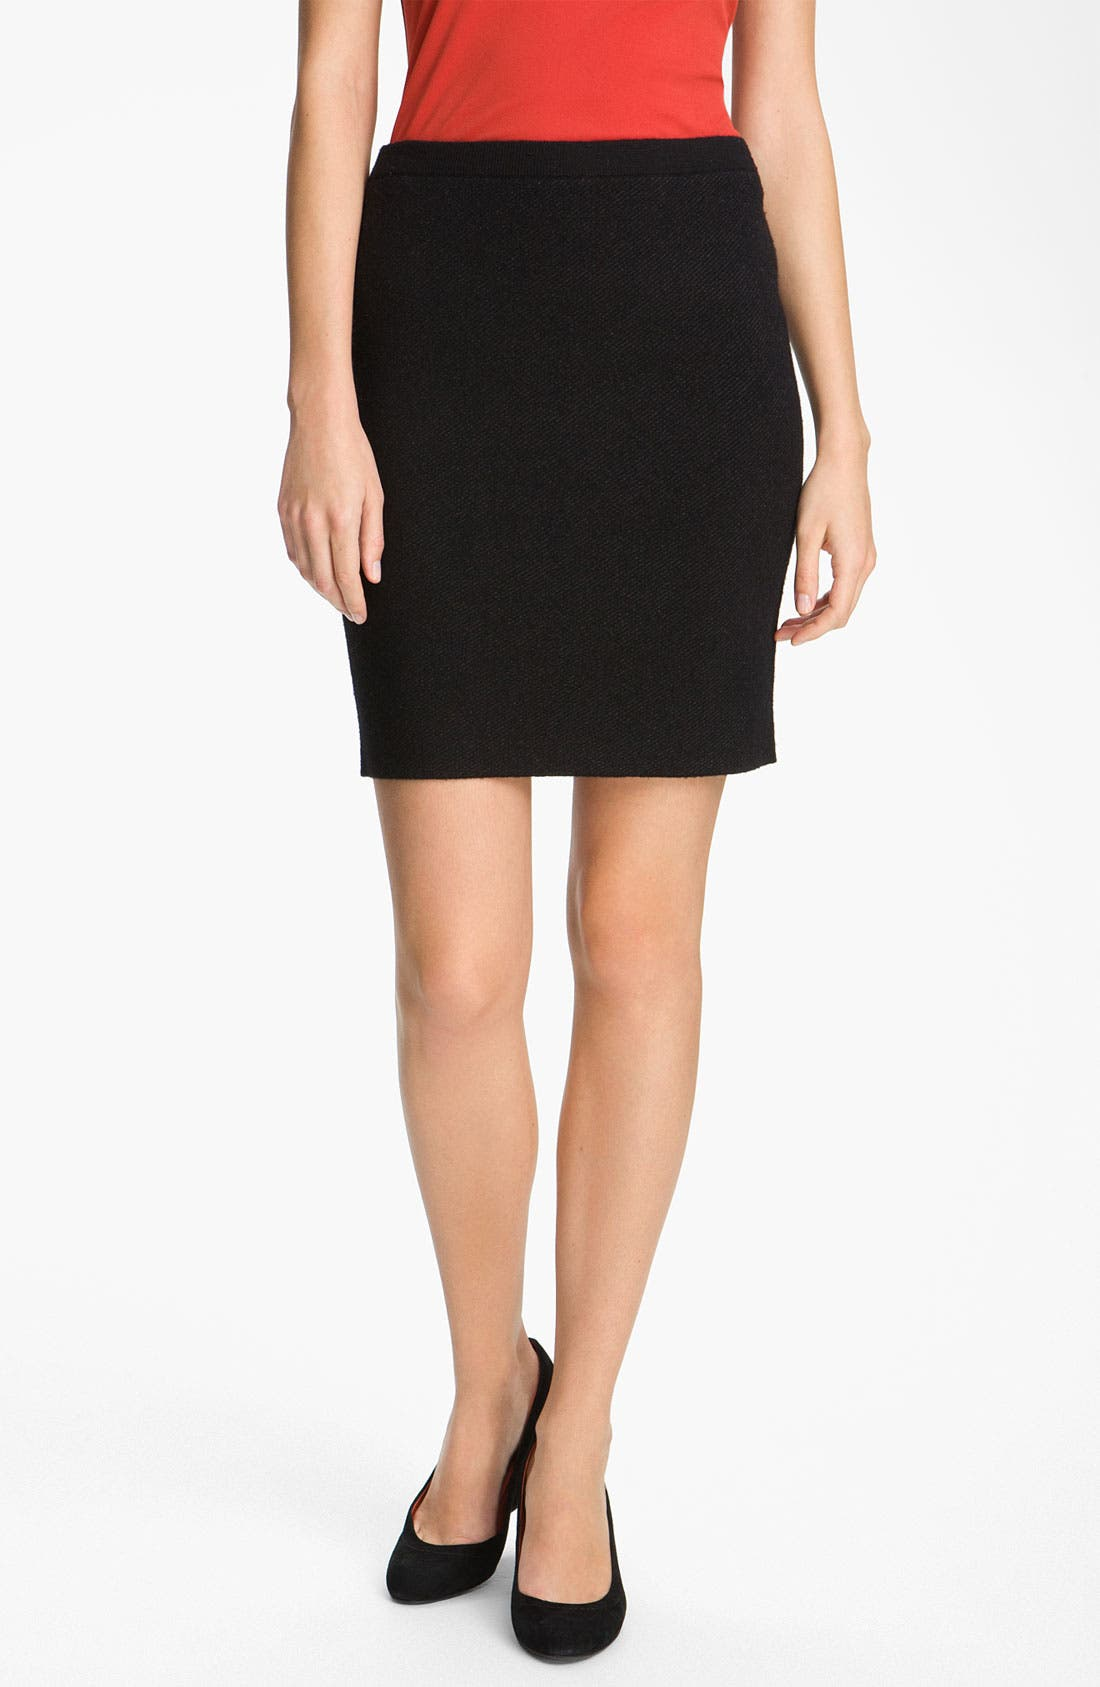 Alternate Image 1 Selected - Eileen Fisher Pull-On Wool Blend Skirt